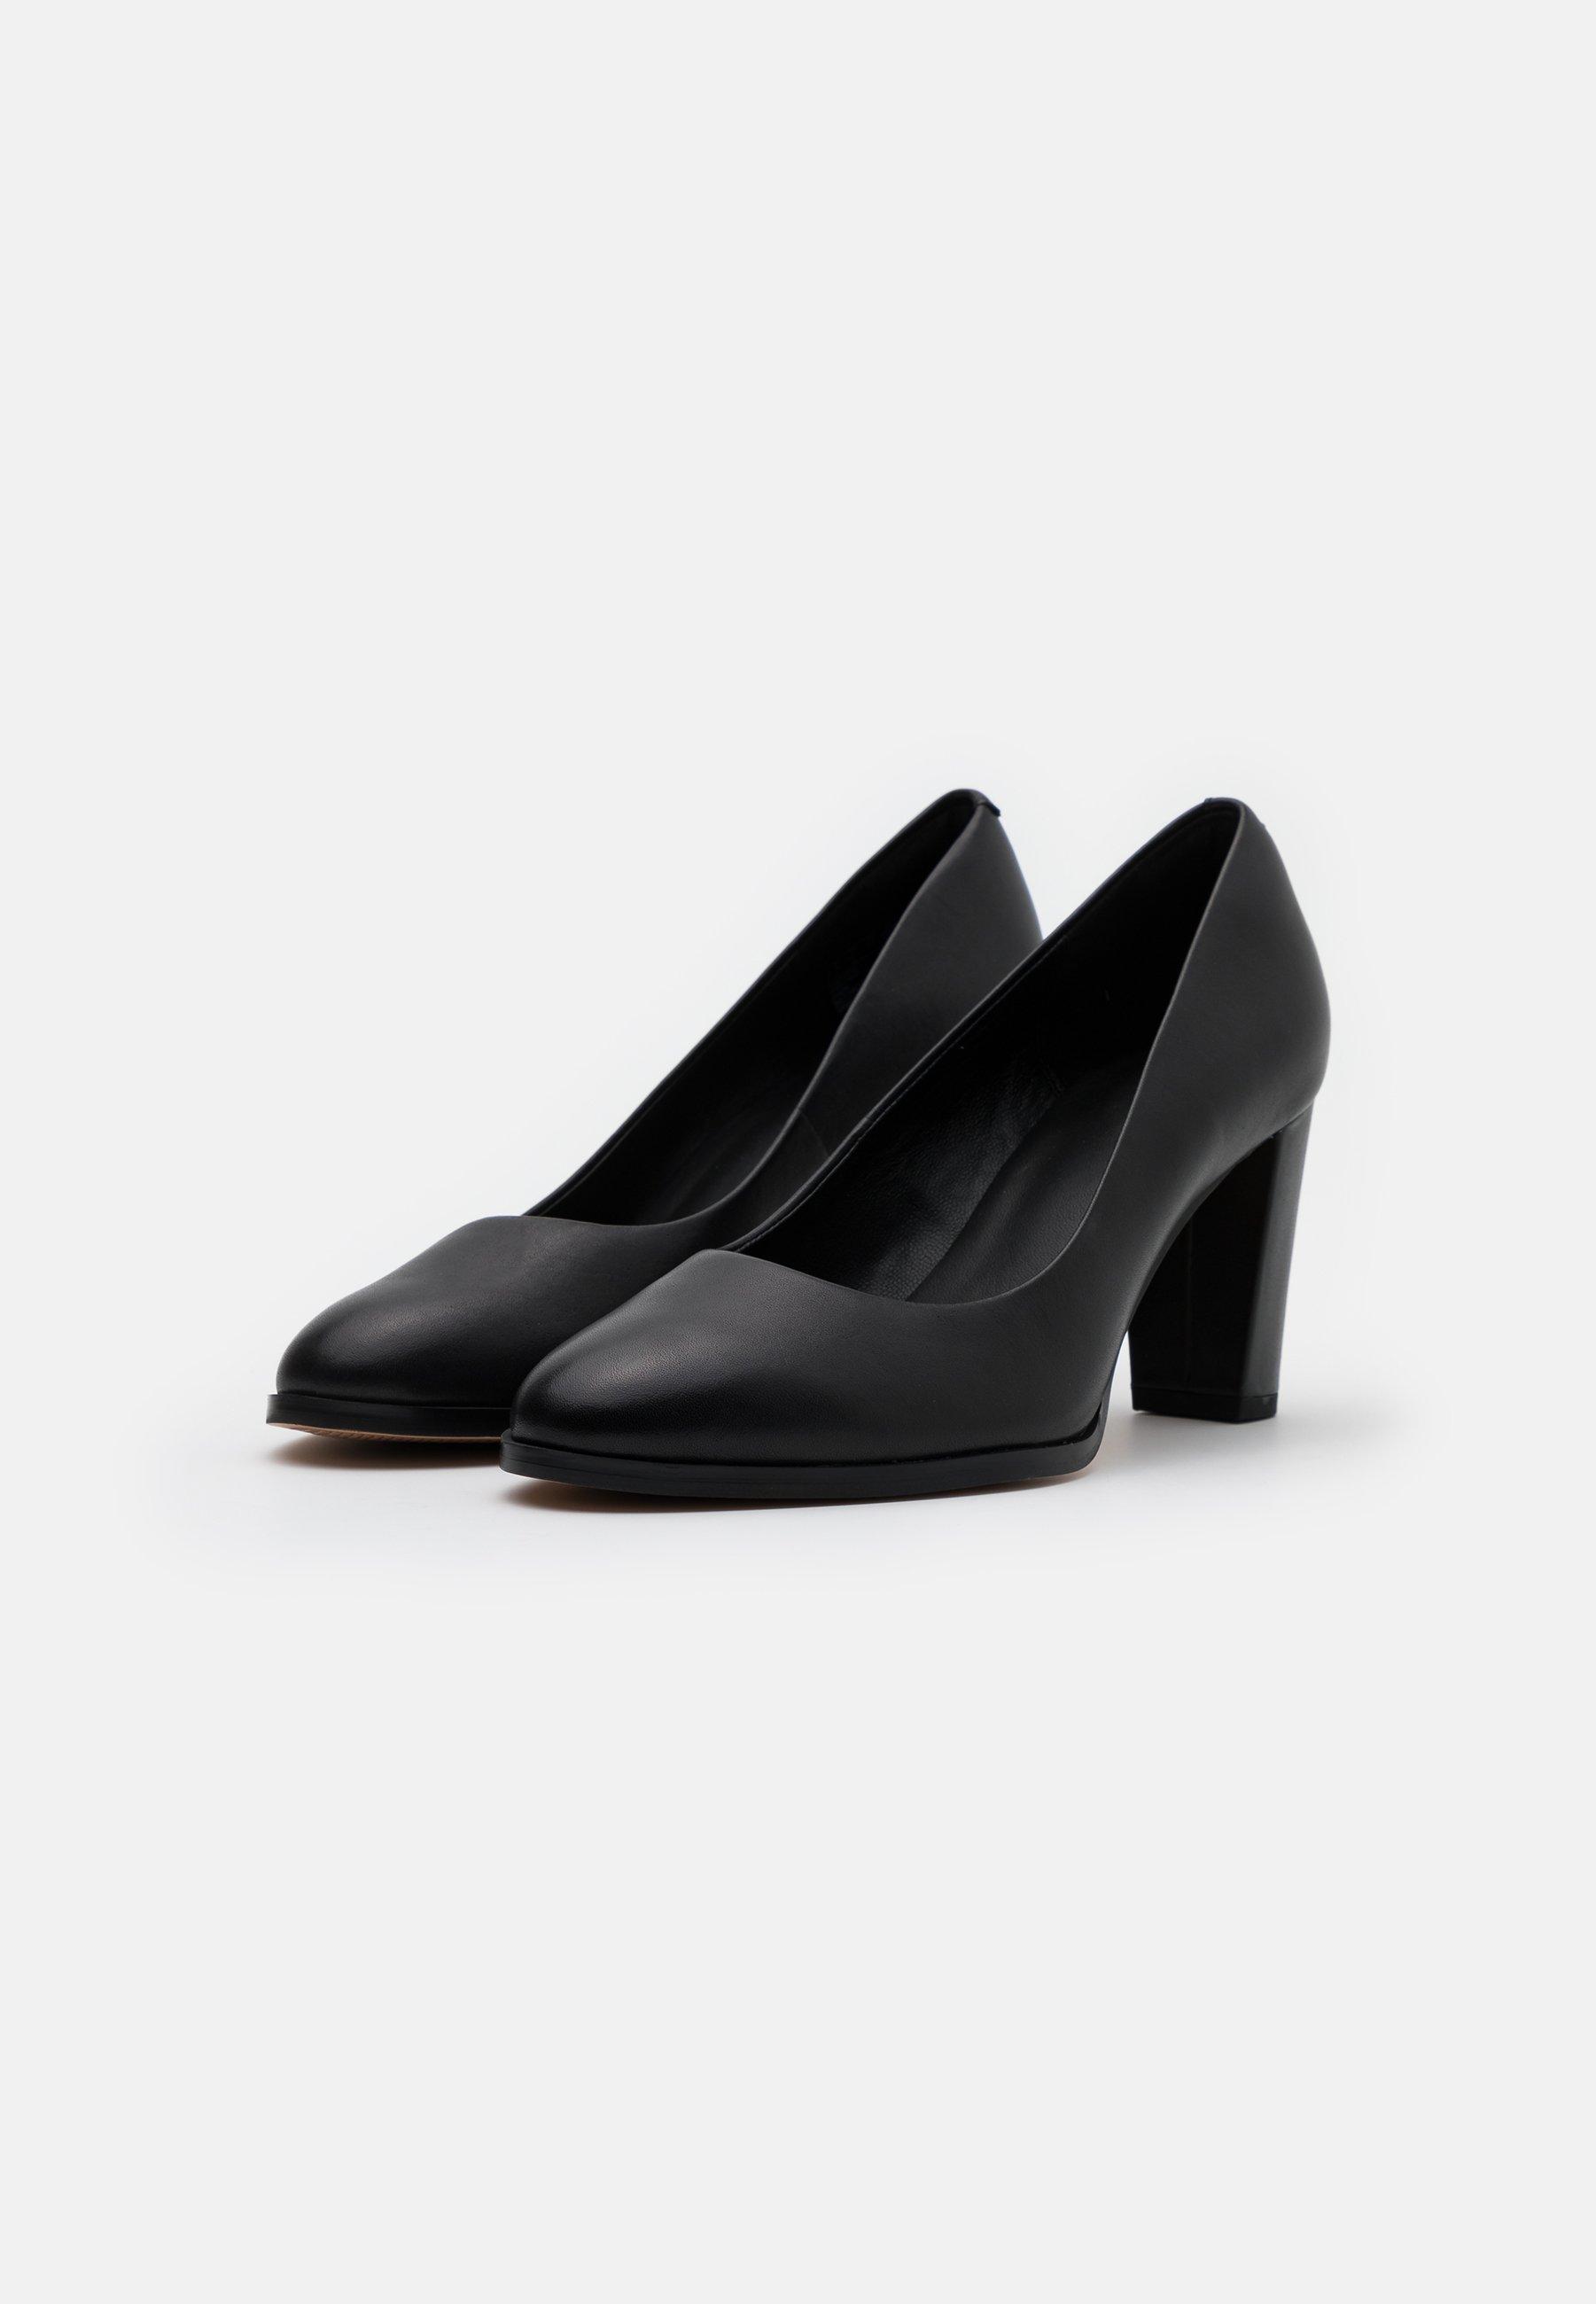 Clarks KAYLIN CARA  - Klassieke pumps - black - Damesschoenen Hot Koop